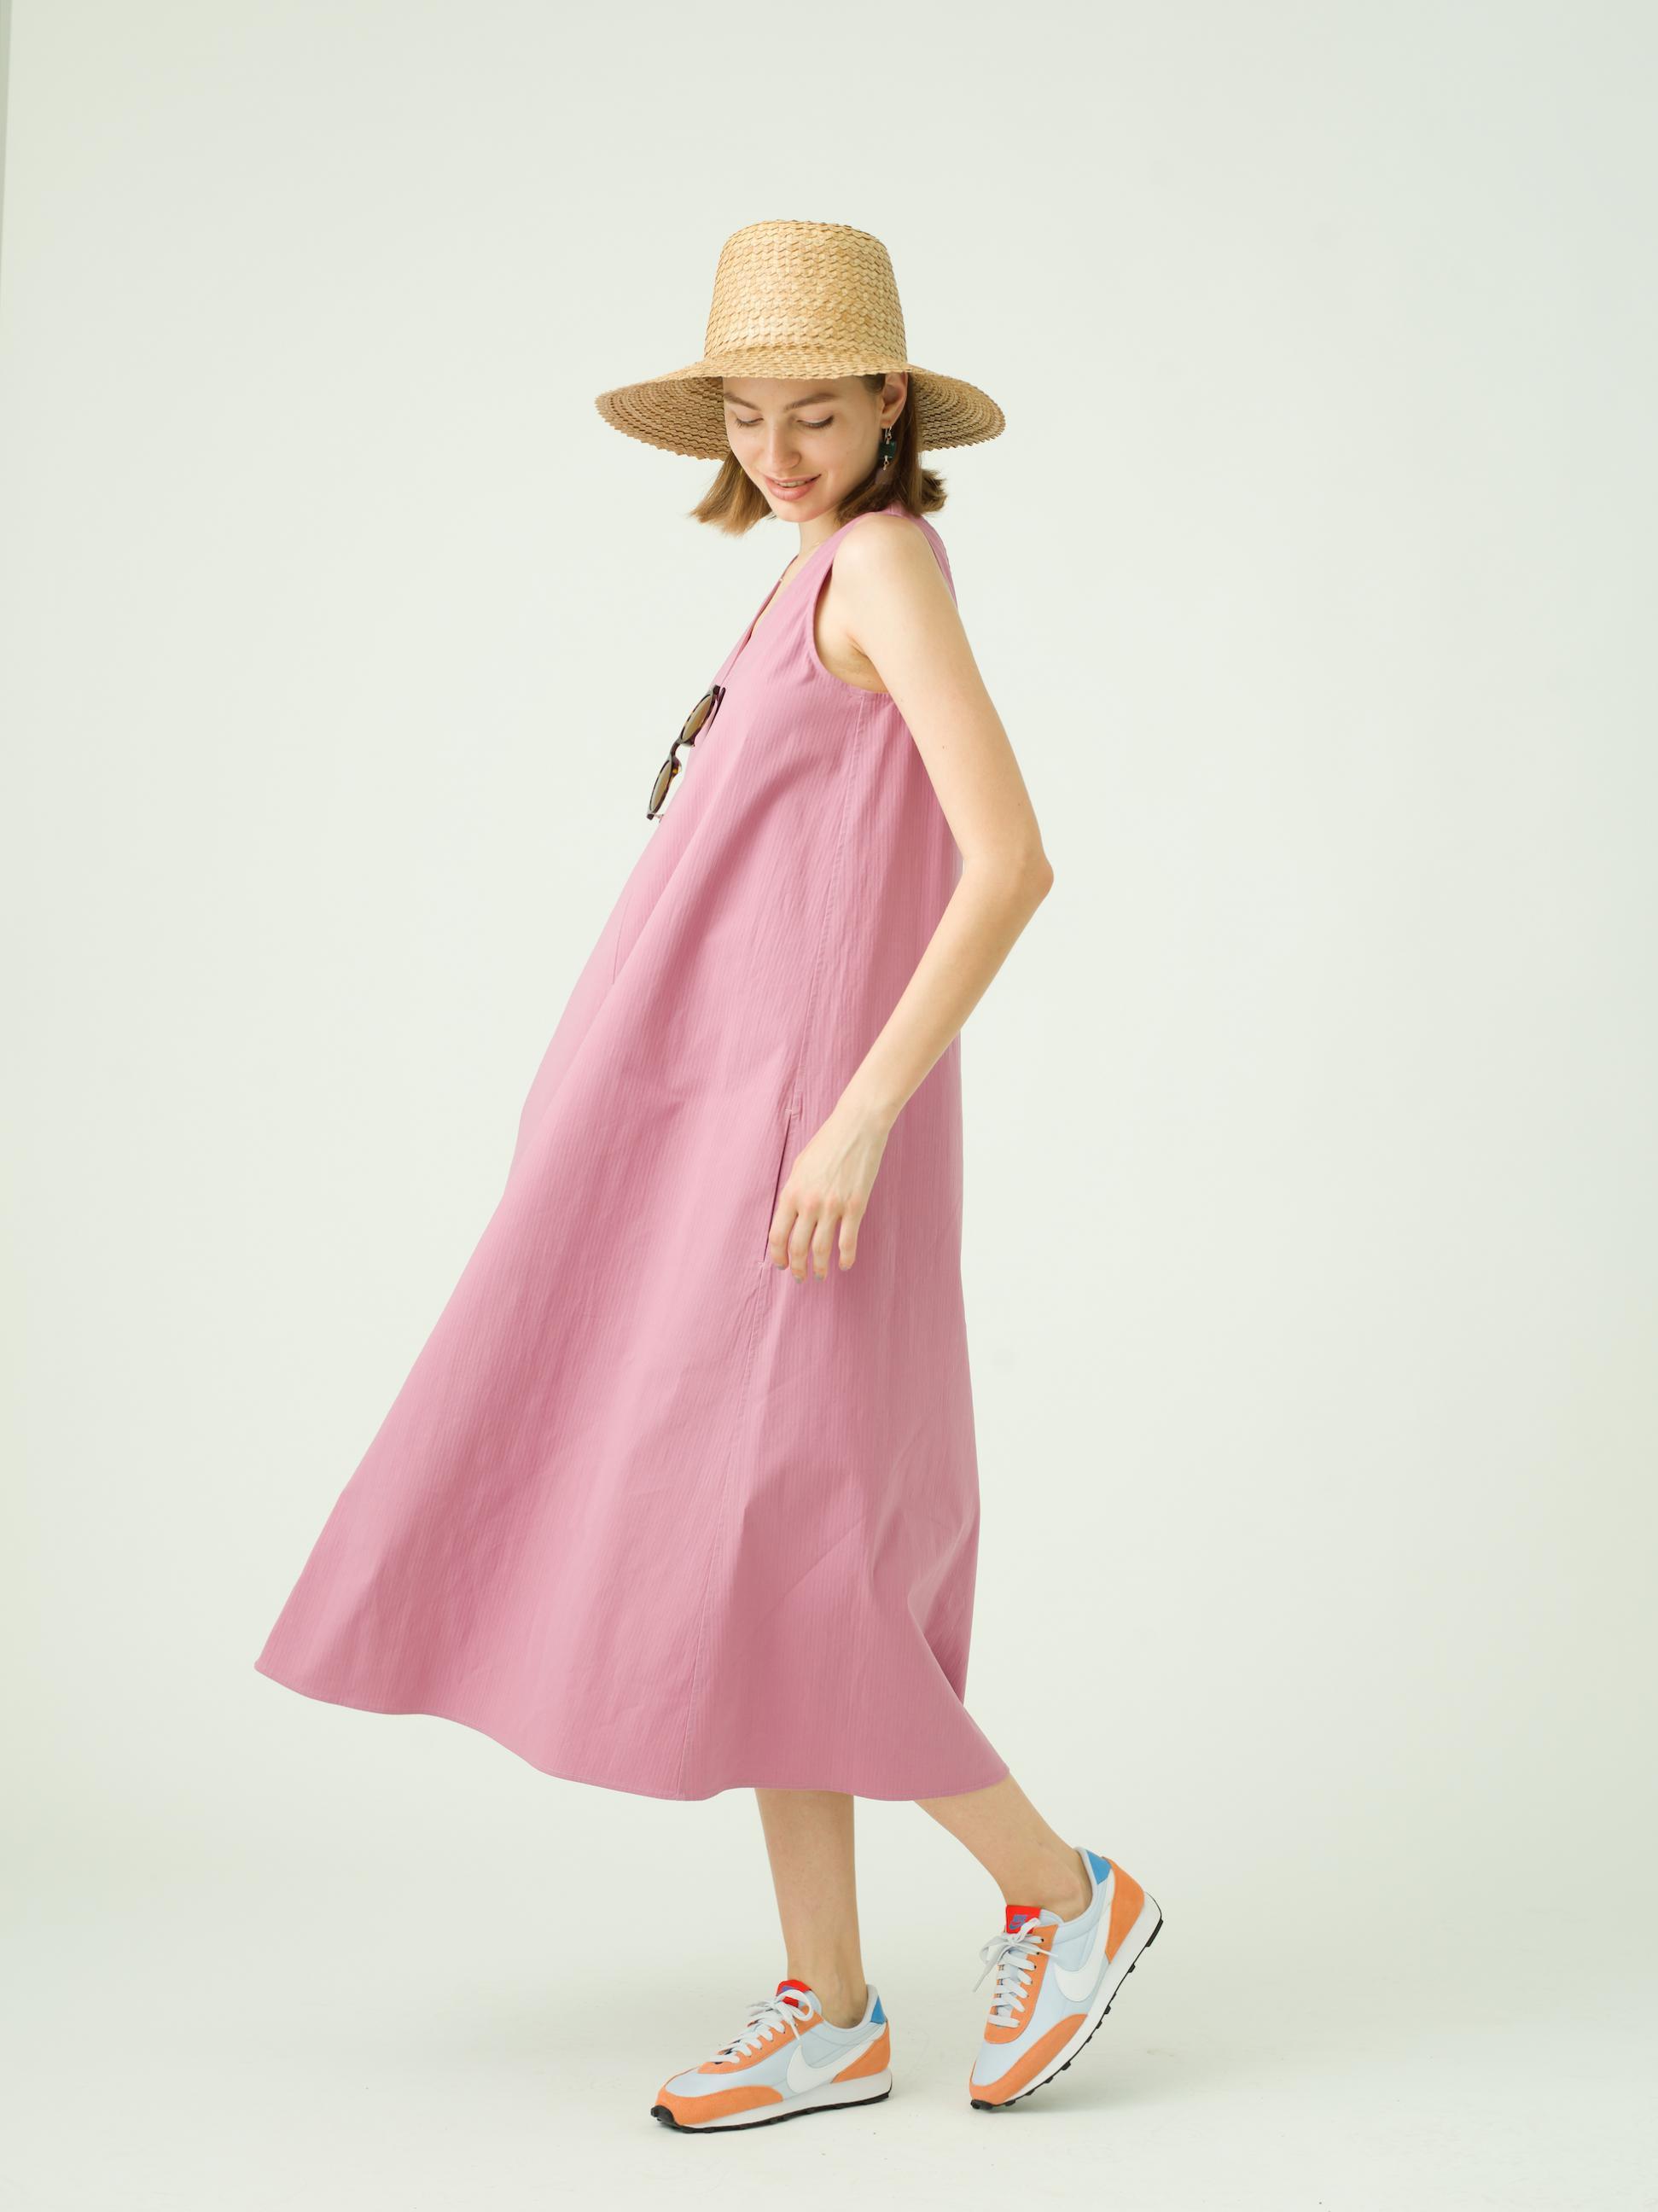 3_2 dress¥23,000  hat¥14,000  eyewear¥42,000  earring¥10,000  necklace¥20,000  shoes¥11,000